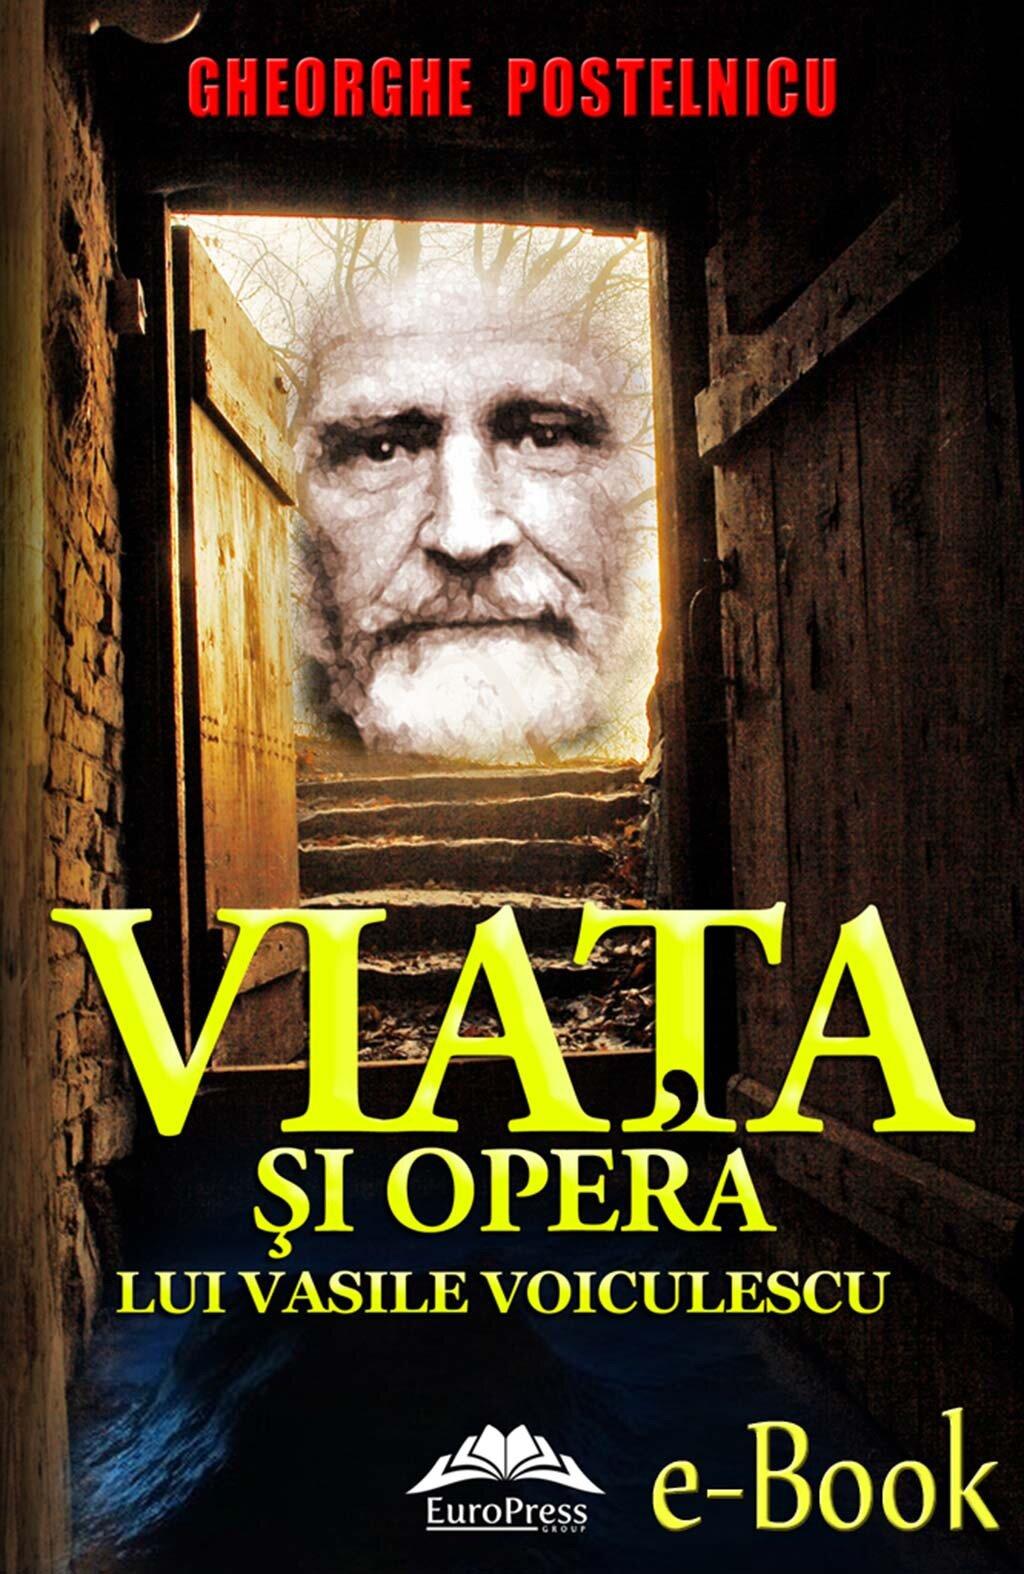 Viata si opera lui Vasile Voiculescu (eBook)